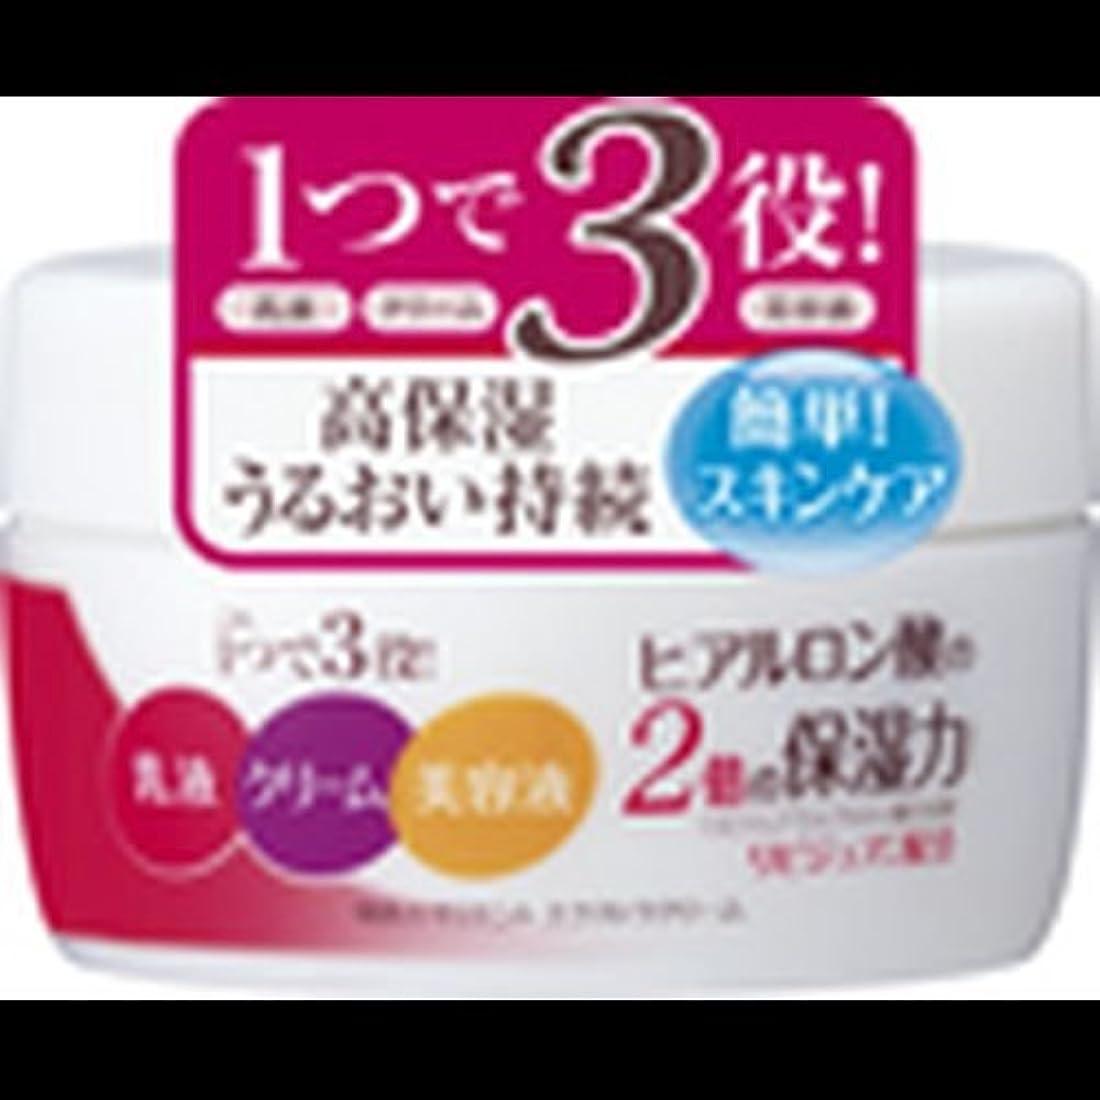 恩恵再現する予算【まとめ買い】エモリエントエクストラクリーム ×2セット